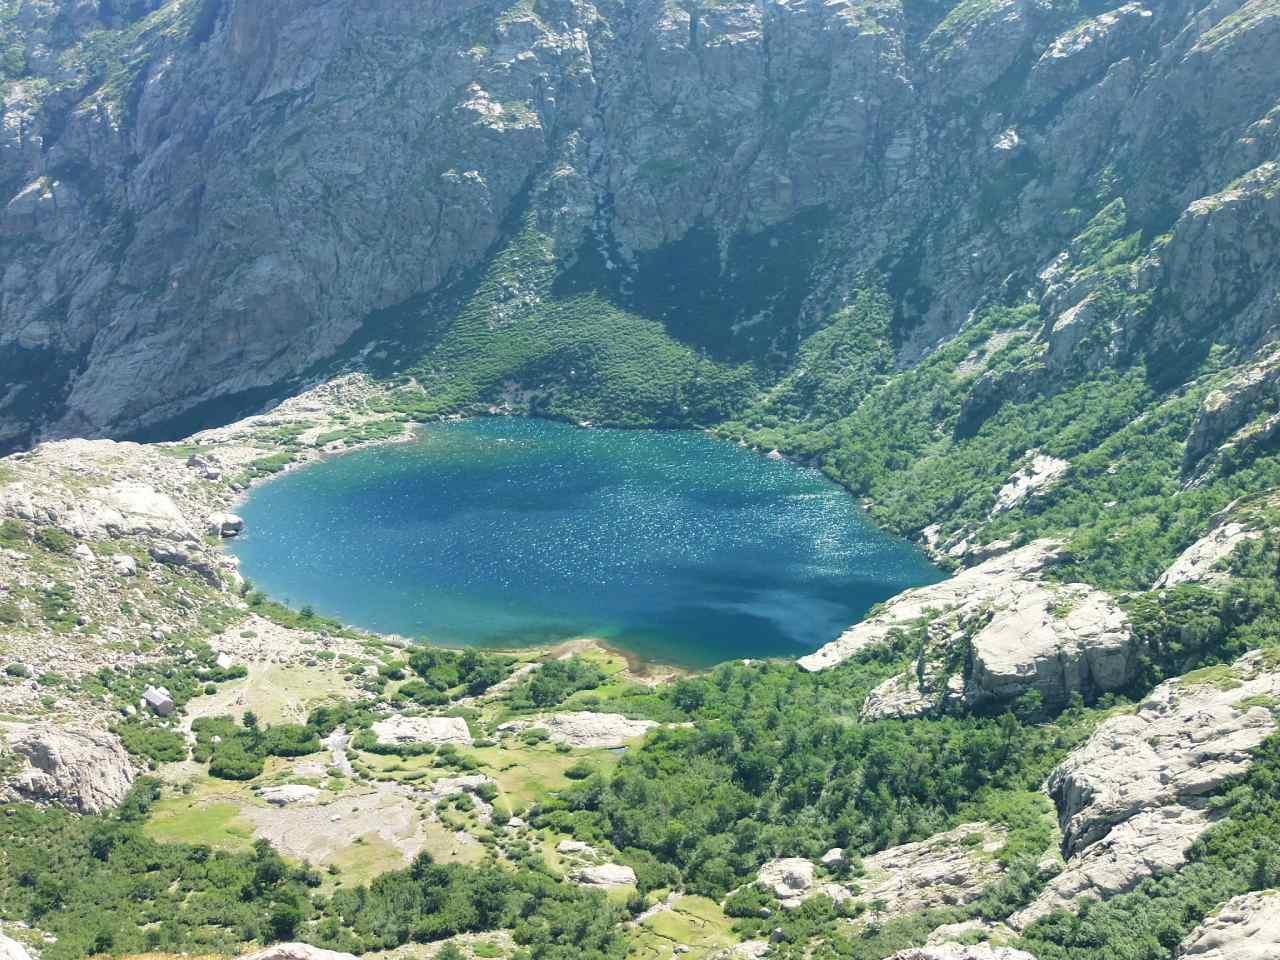 Restonica prend sa source dans le Lac du Melo